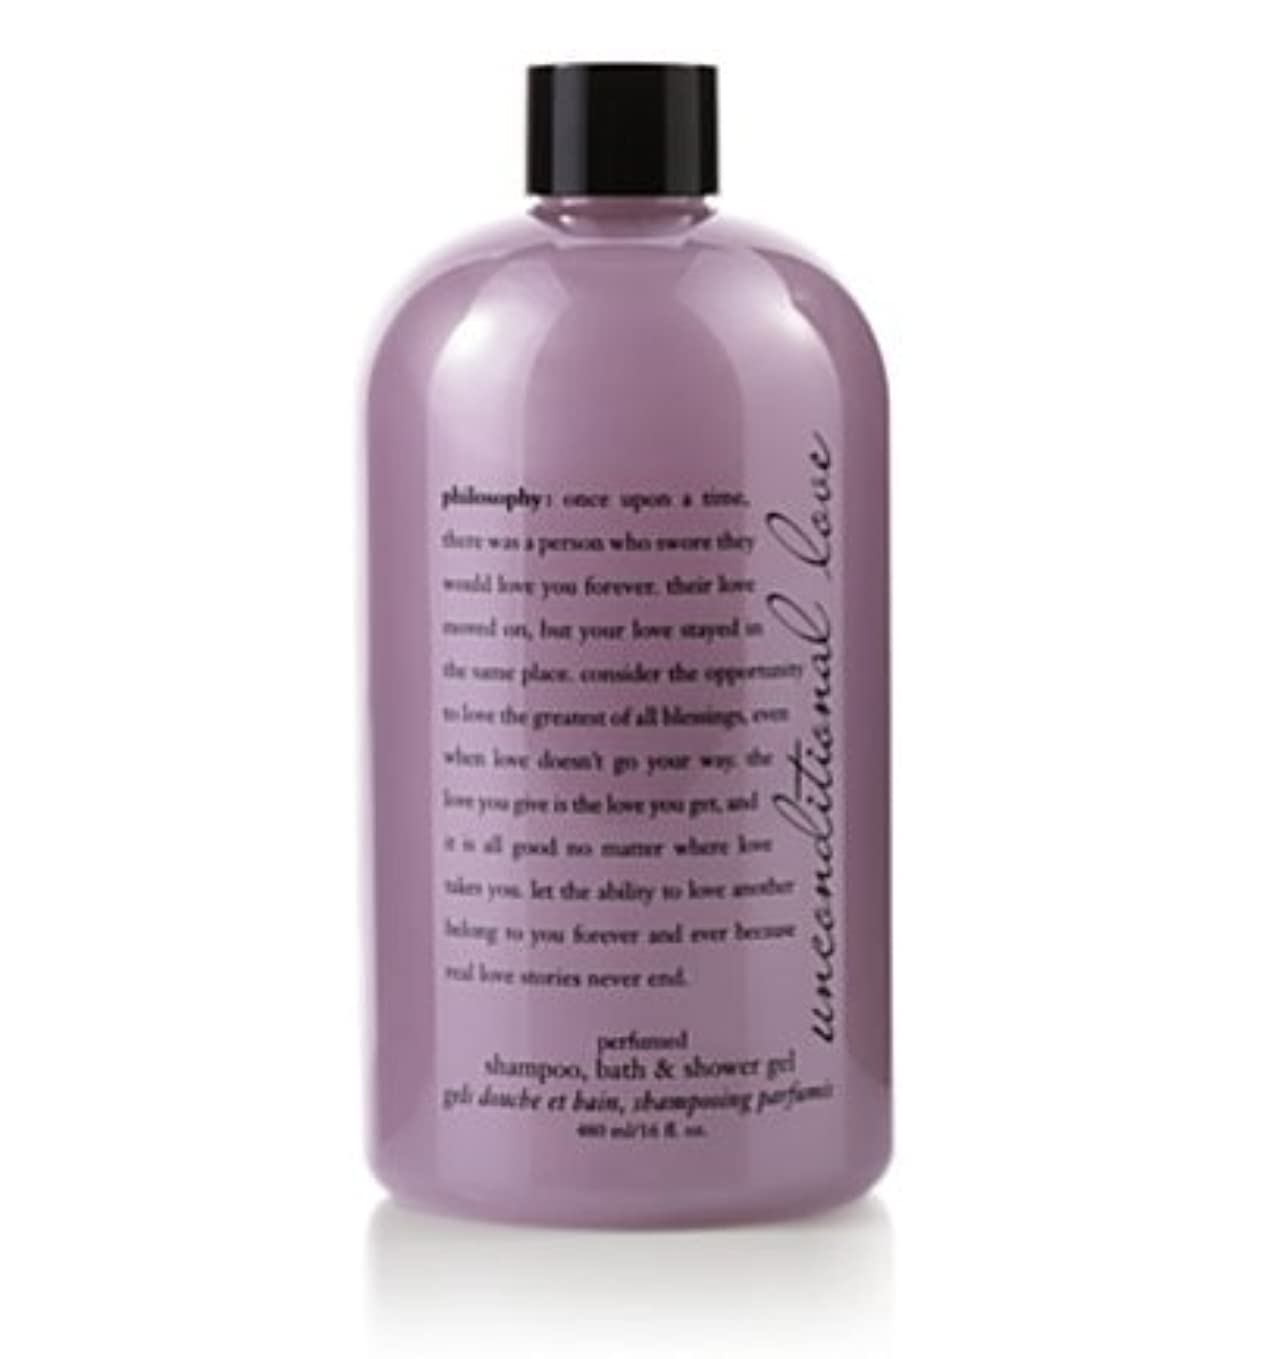 フィードバックメロディアスひどいunconditional love (アンコンディショナルラブ ) 16.0 oz (480ml) perfumed shampoo, bath & shower gel for Women